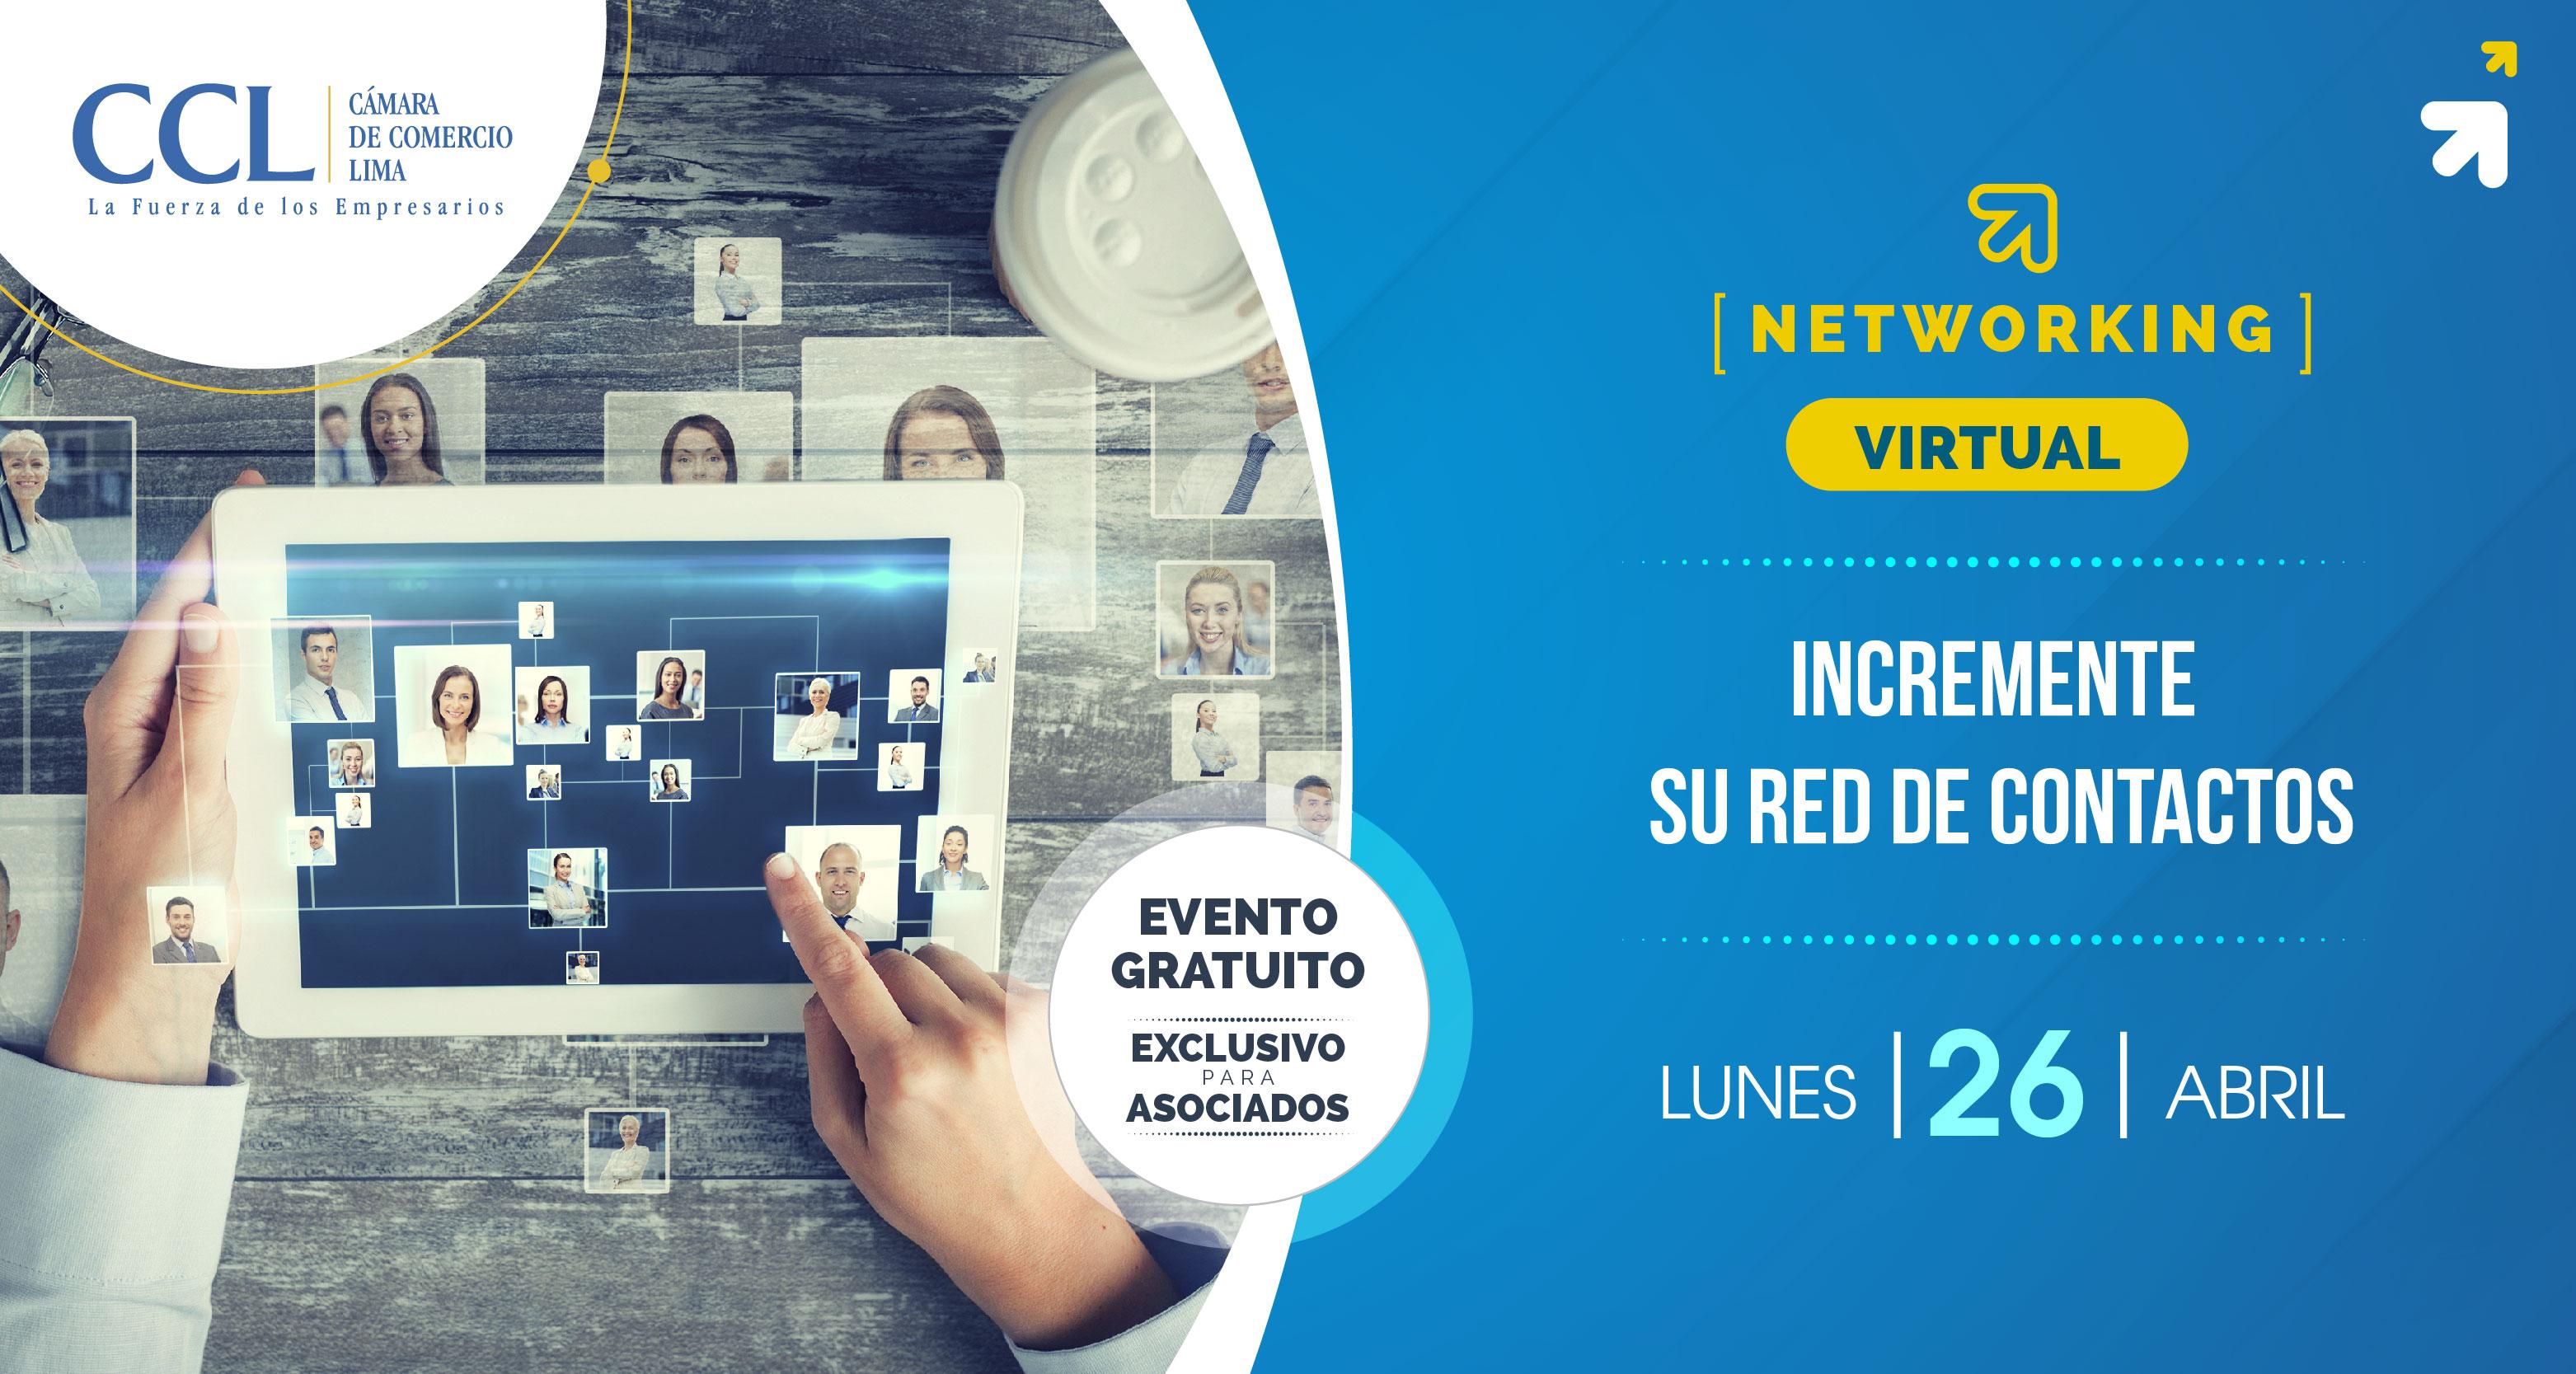 Networking Virtual para asociados de CCL